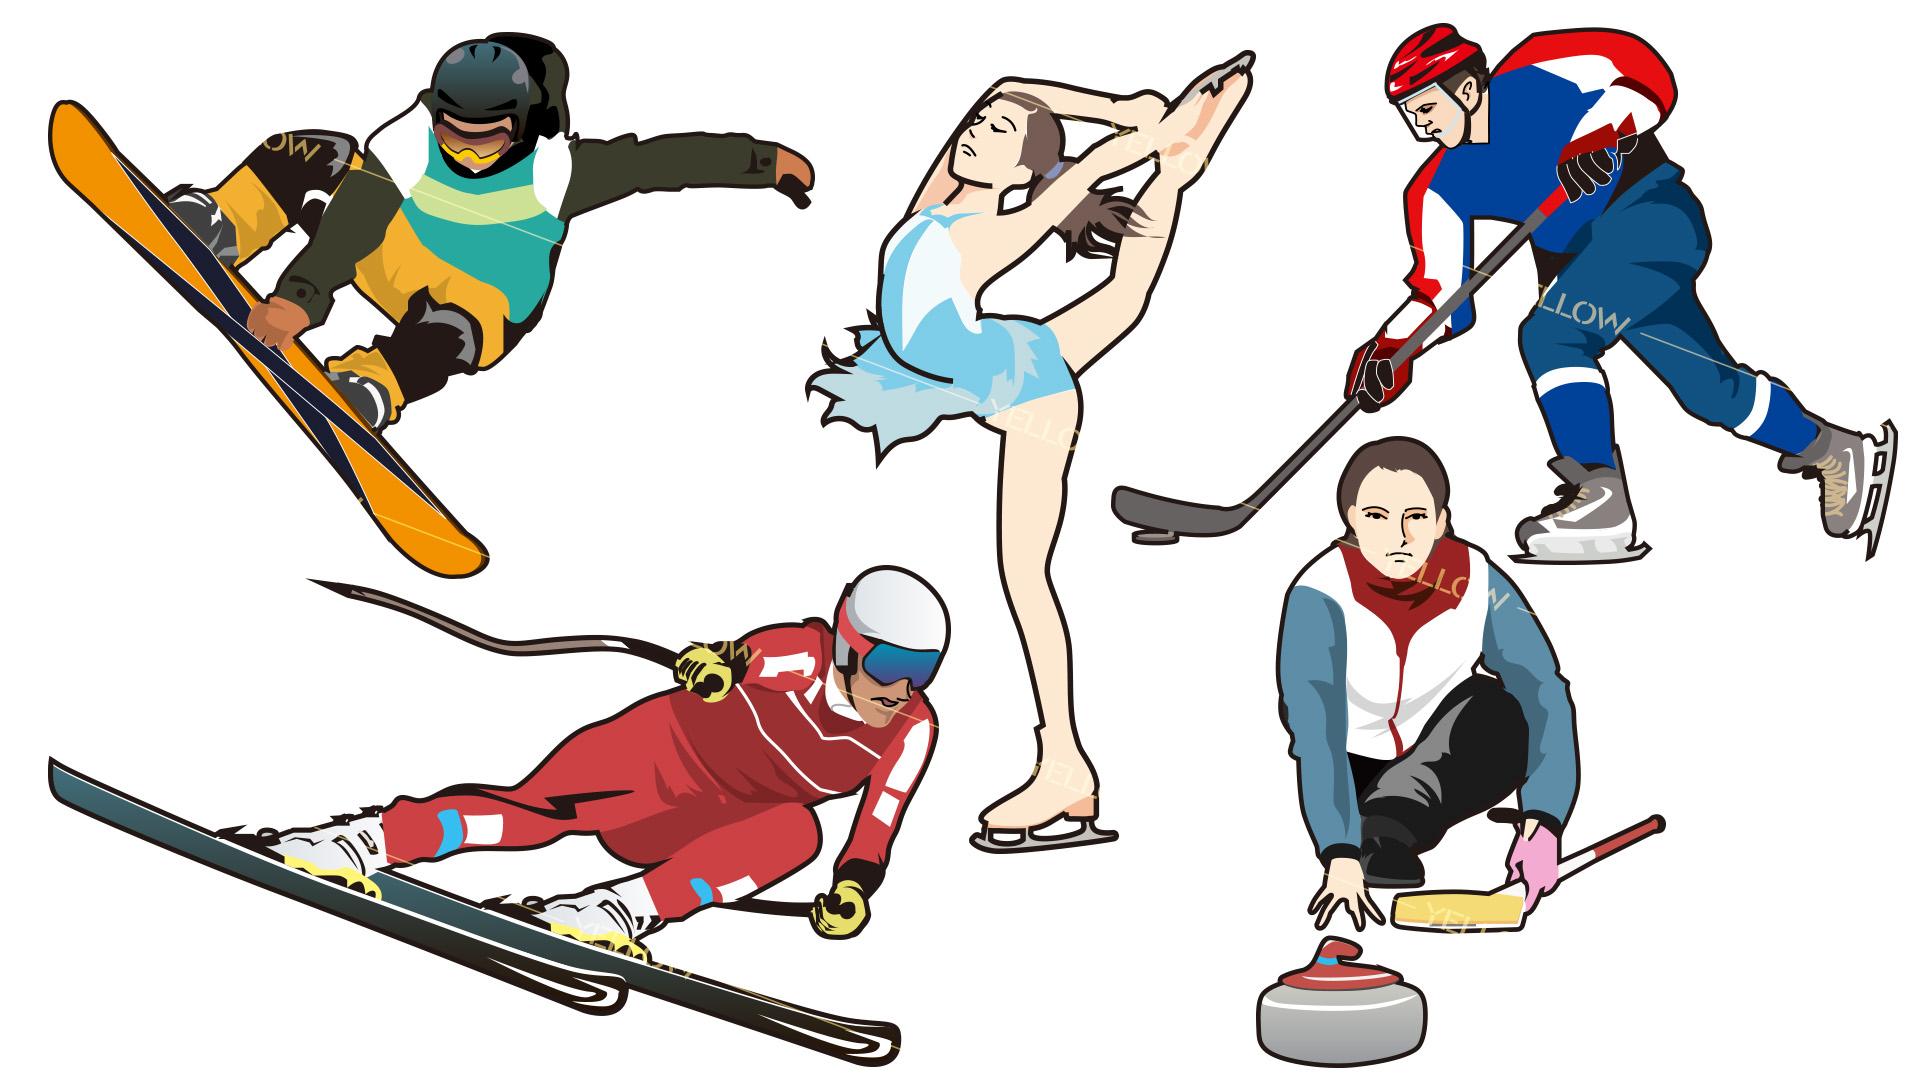 イメージ_冬季オリンピック